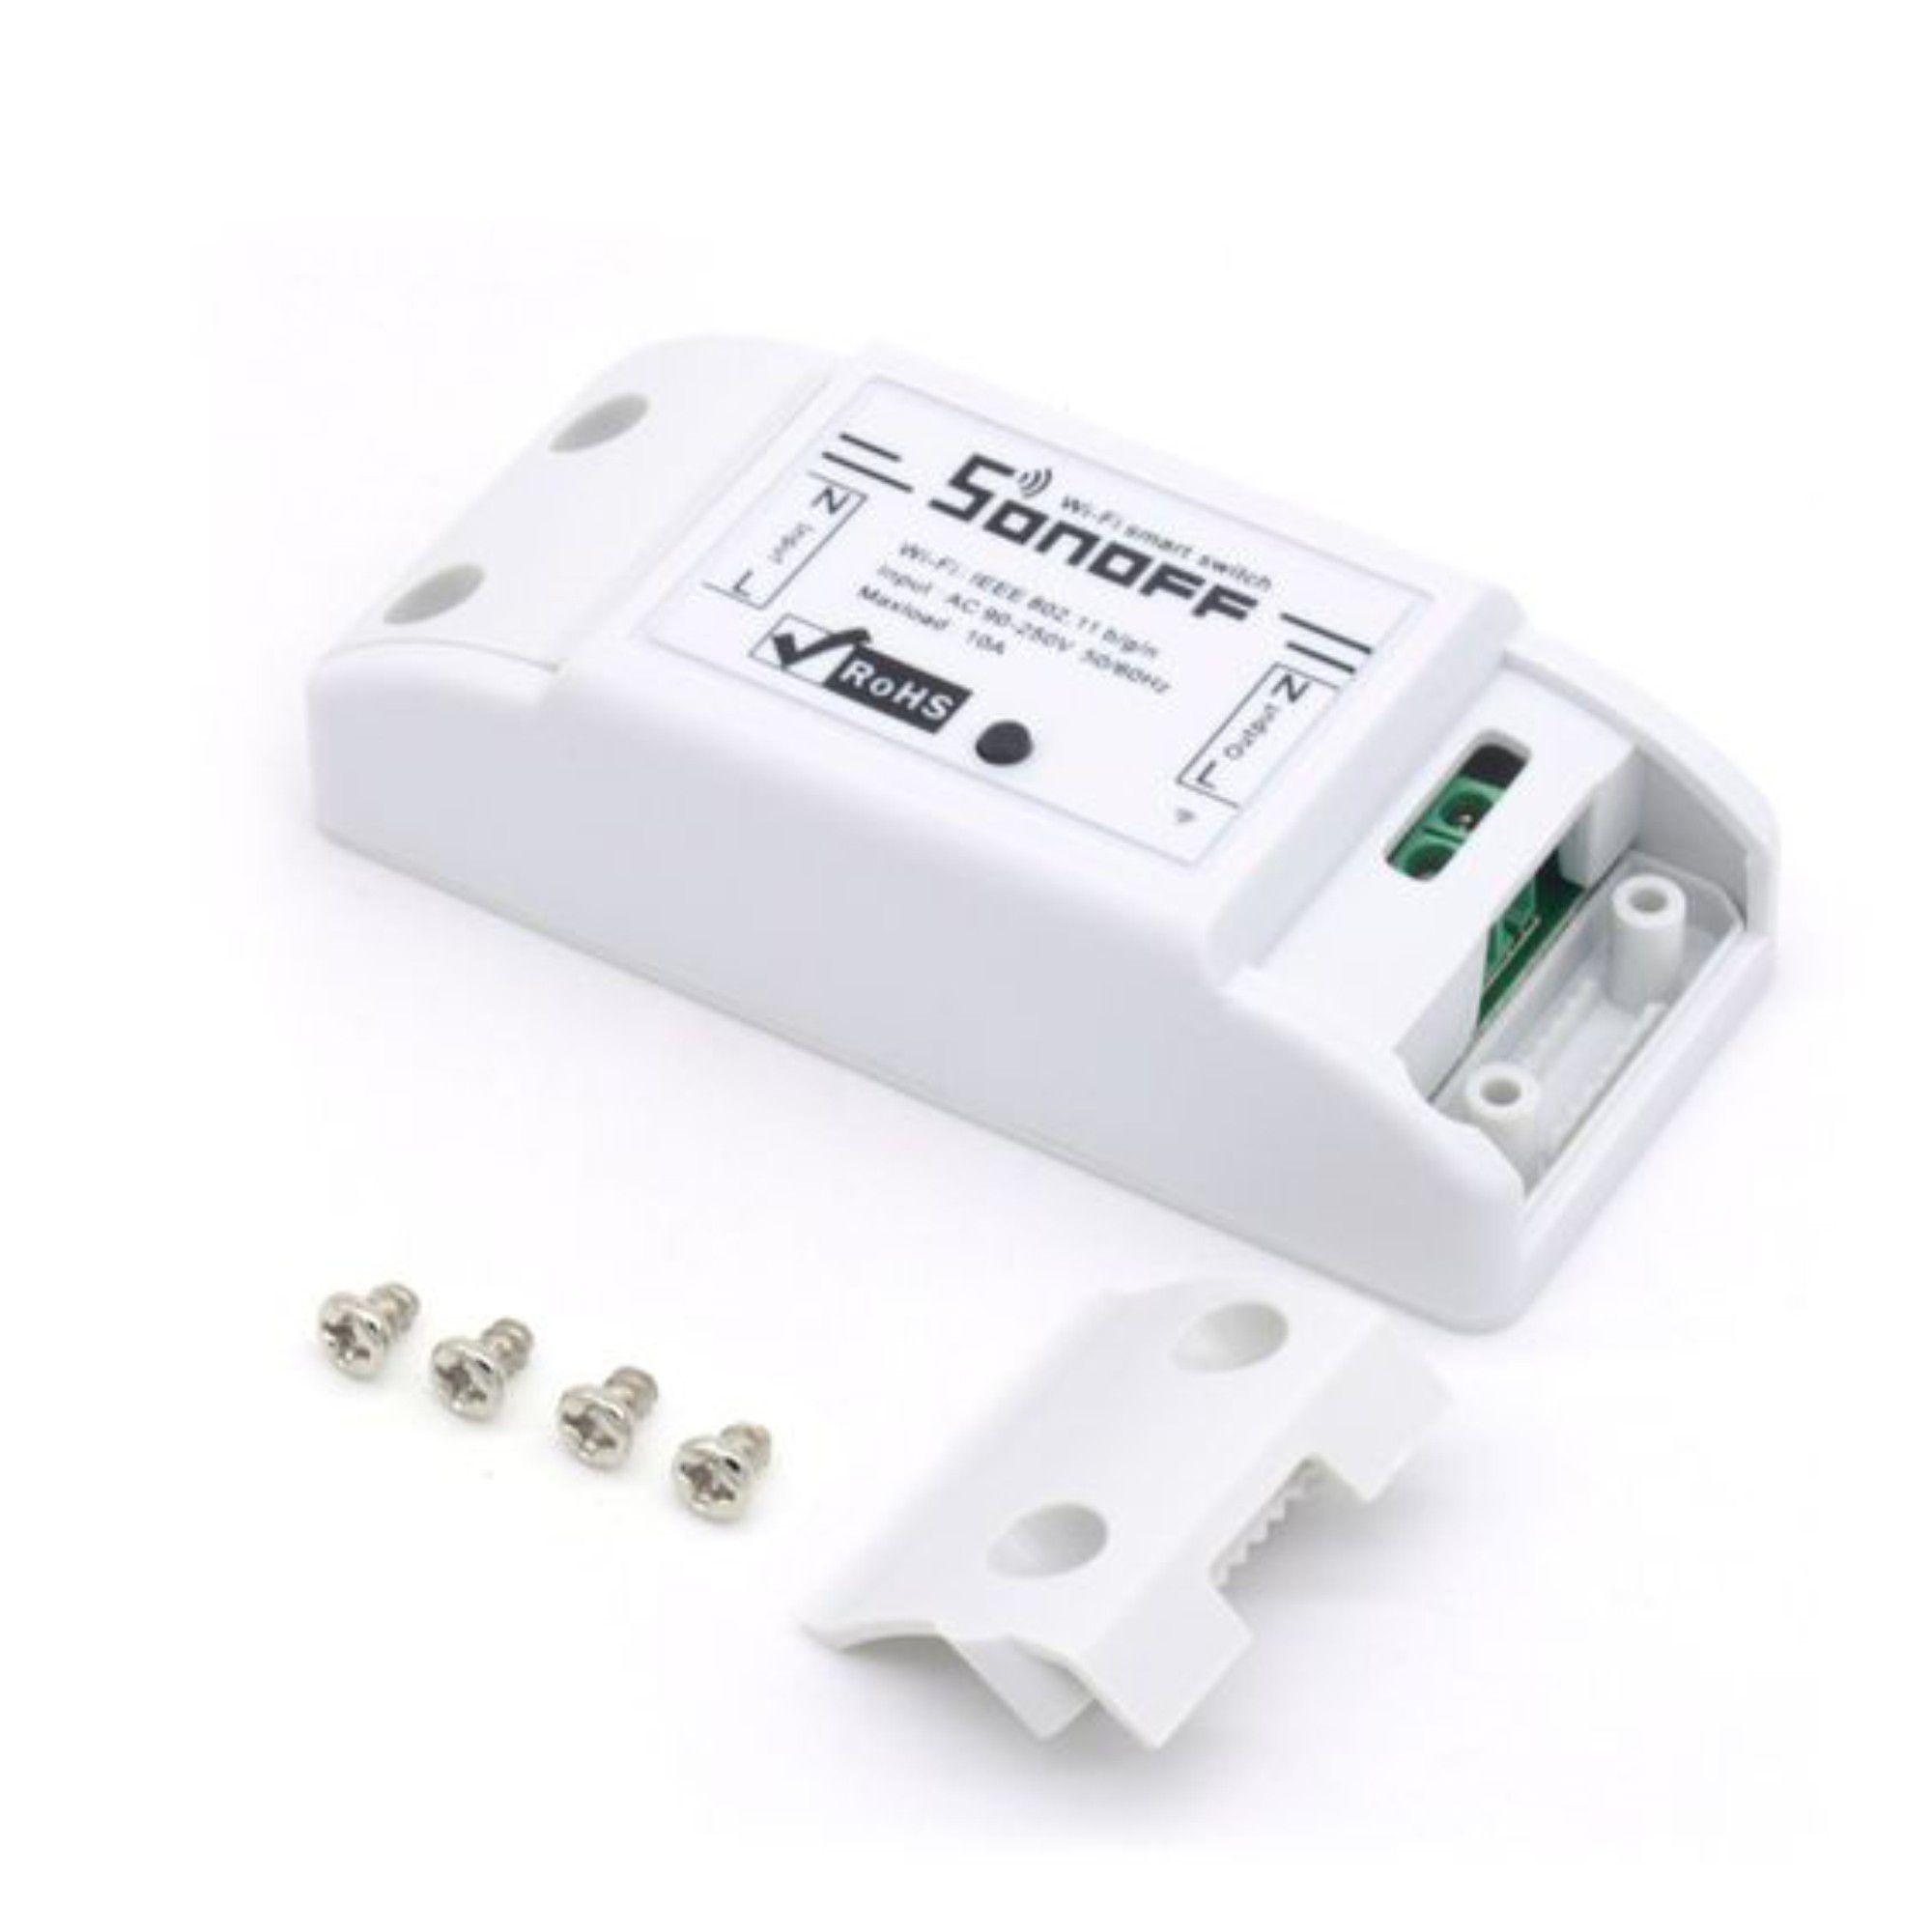 Sonoff Basic Interruptor - Automação Residencial Original